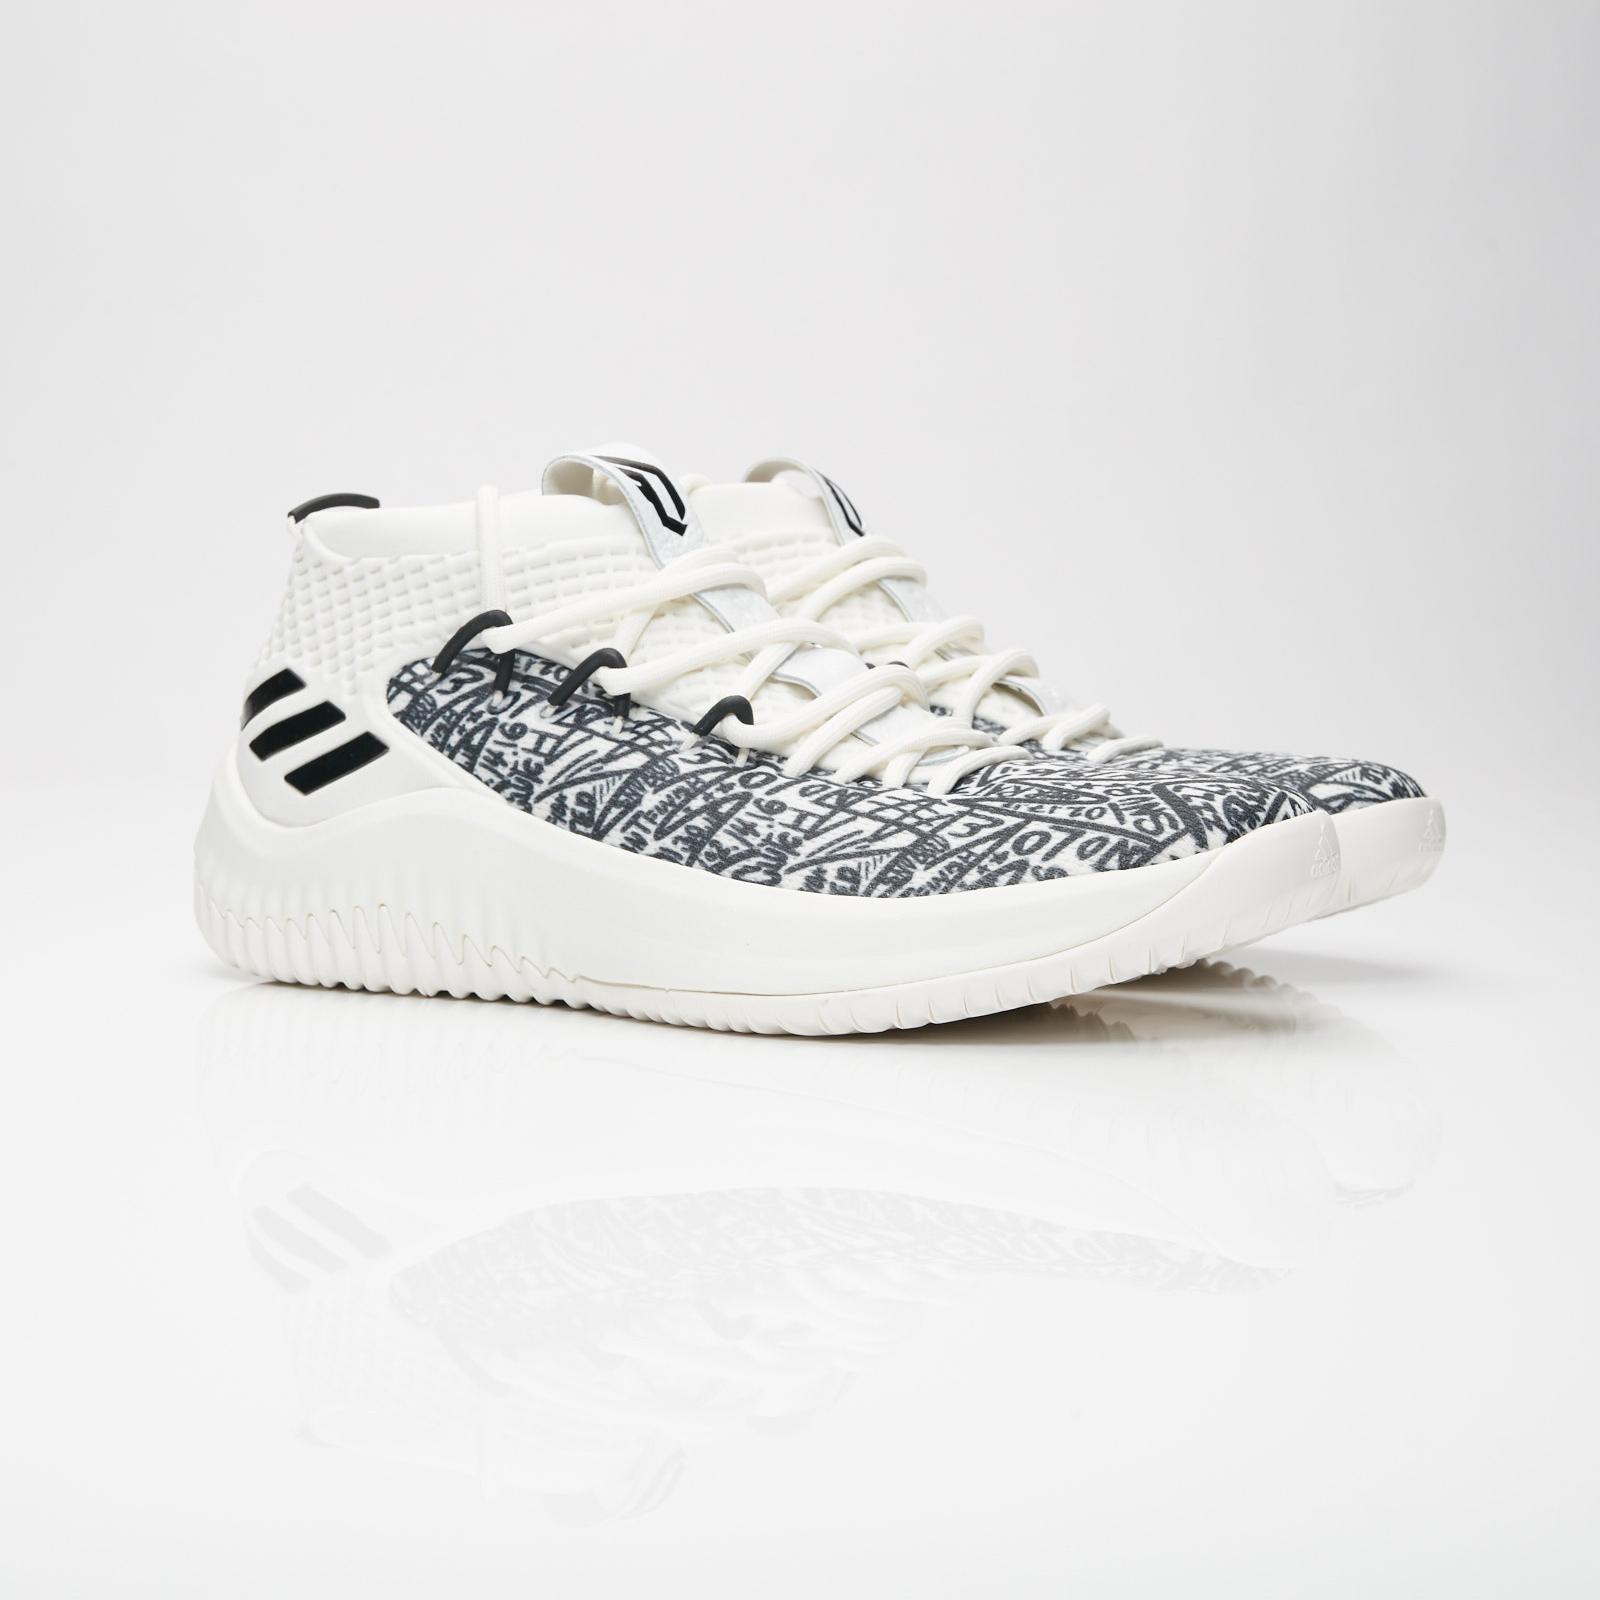 adidas Dame 4 Aq0597 Basketsnstuff Baskets et streetwear en